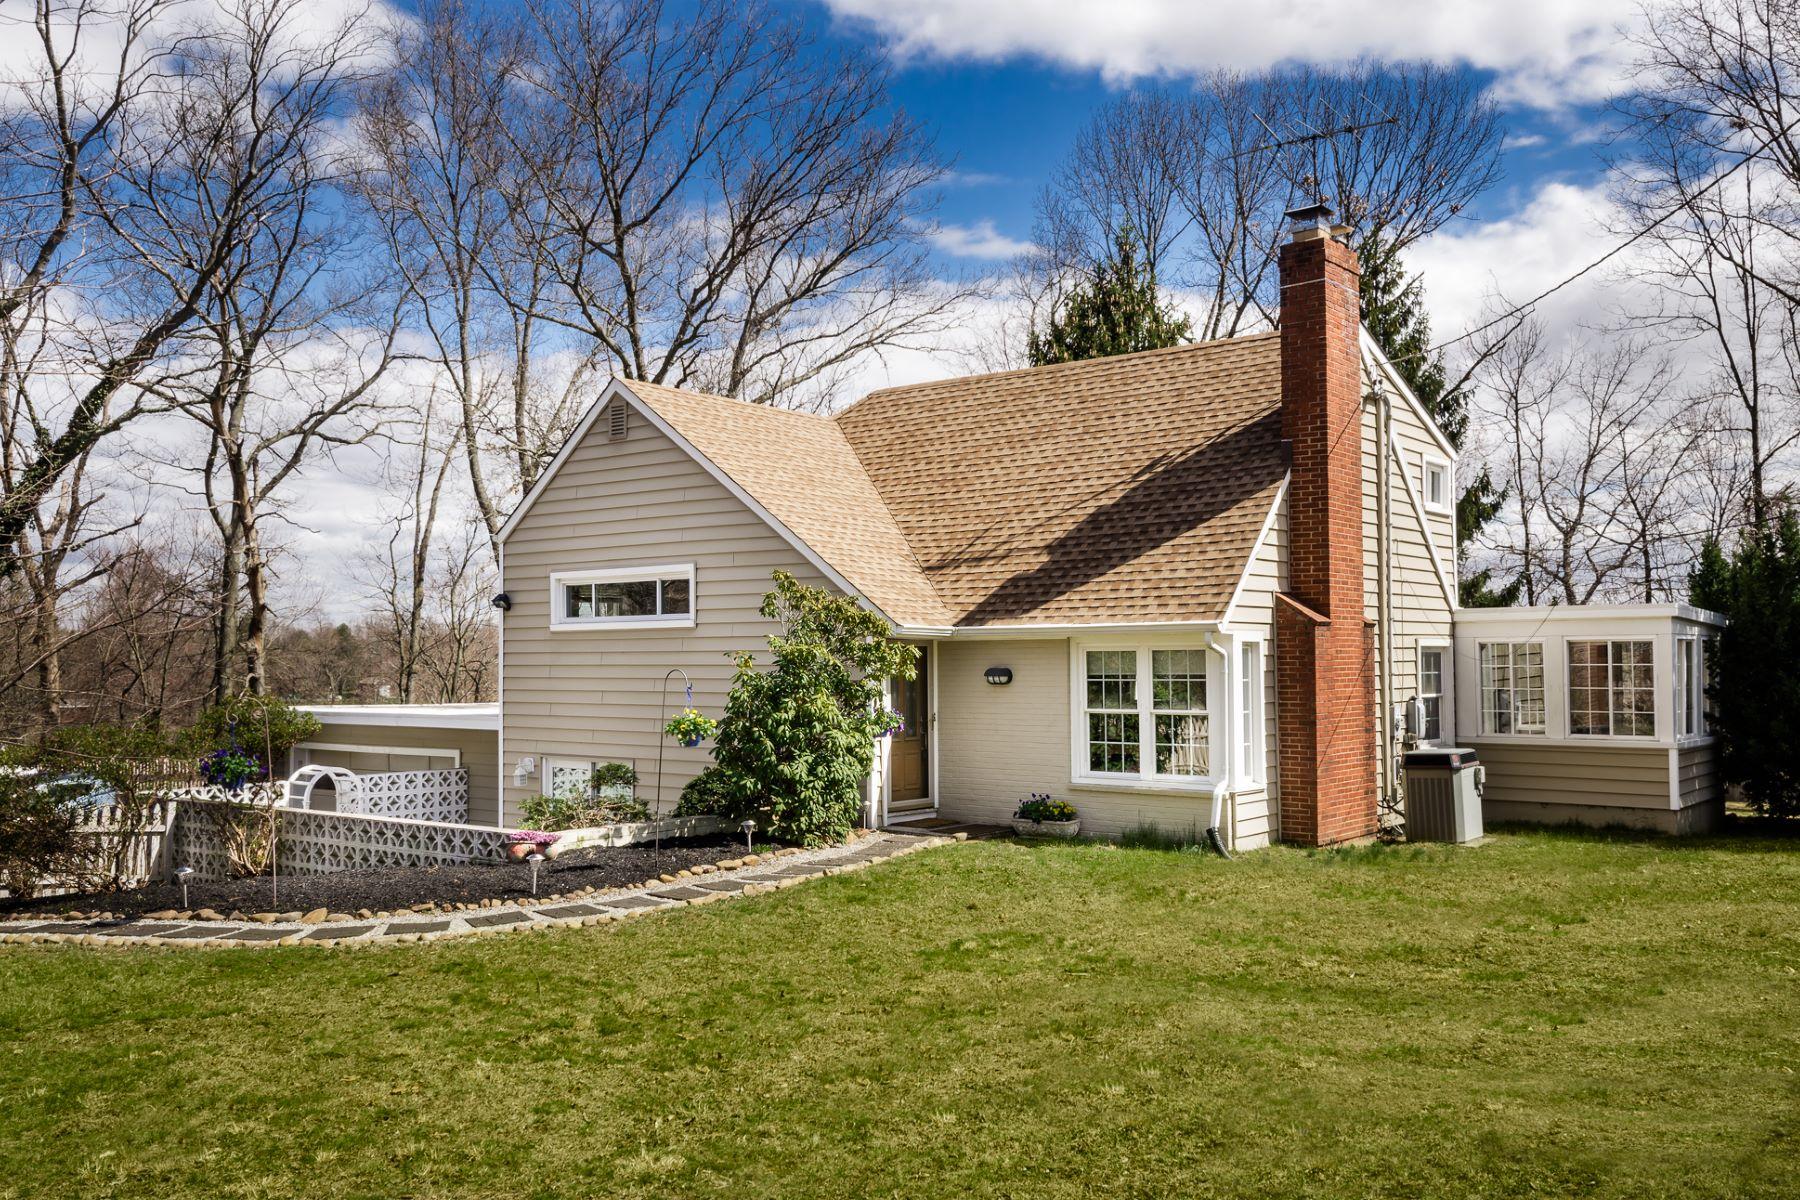 Частный односемейный дом для того Продажа на On a Generous Lot and Conveniently Located 115 Rabbit Hill Road W Windsor Township, 08550 Соединенные Штаты